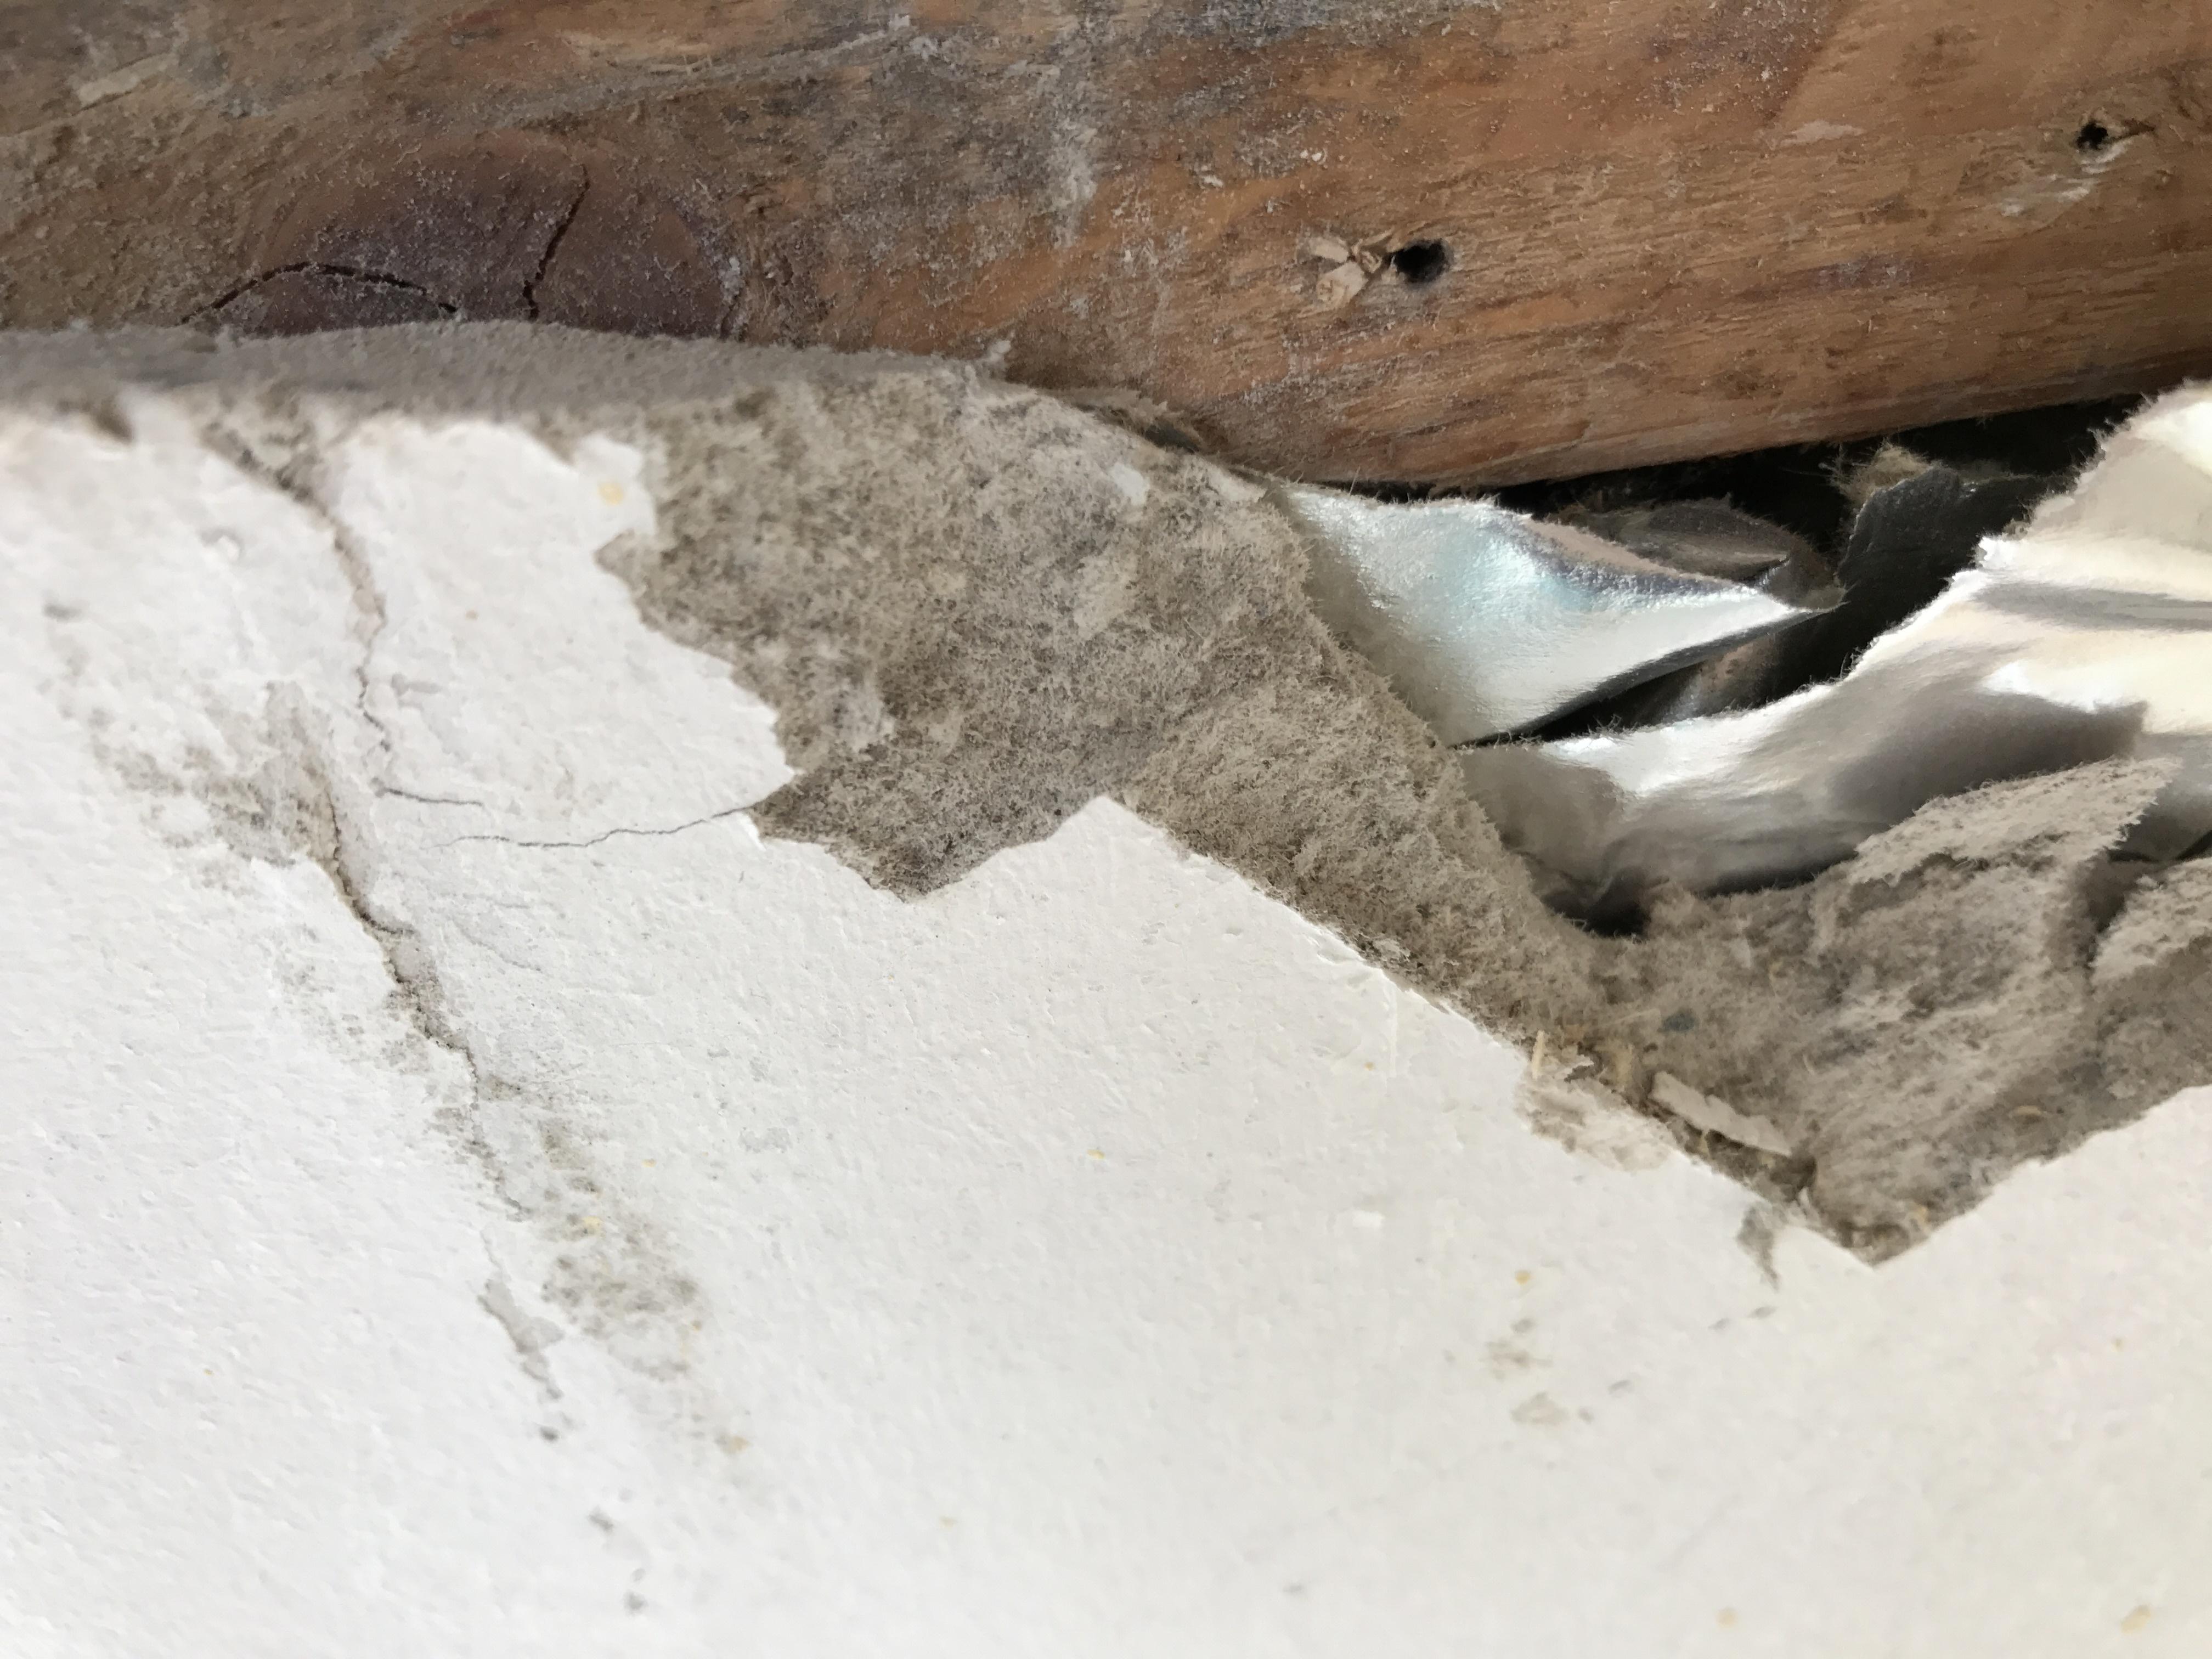 Asbest In Fußbodenplatten ~ Ist das asbest? wer weiss was.de